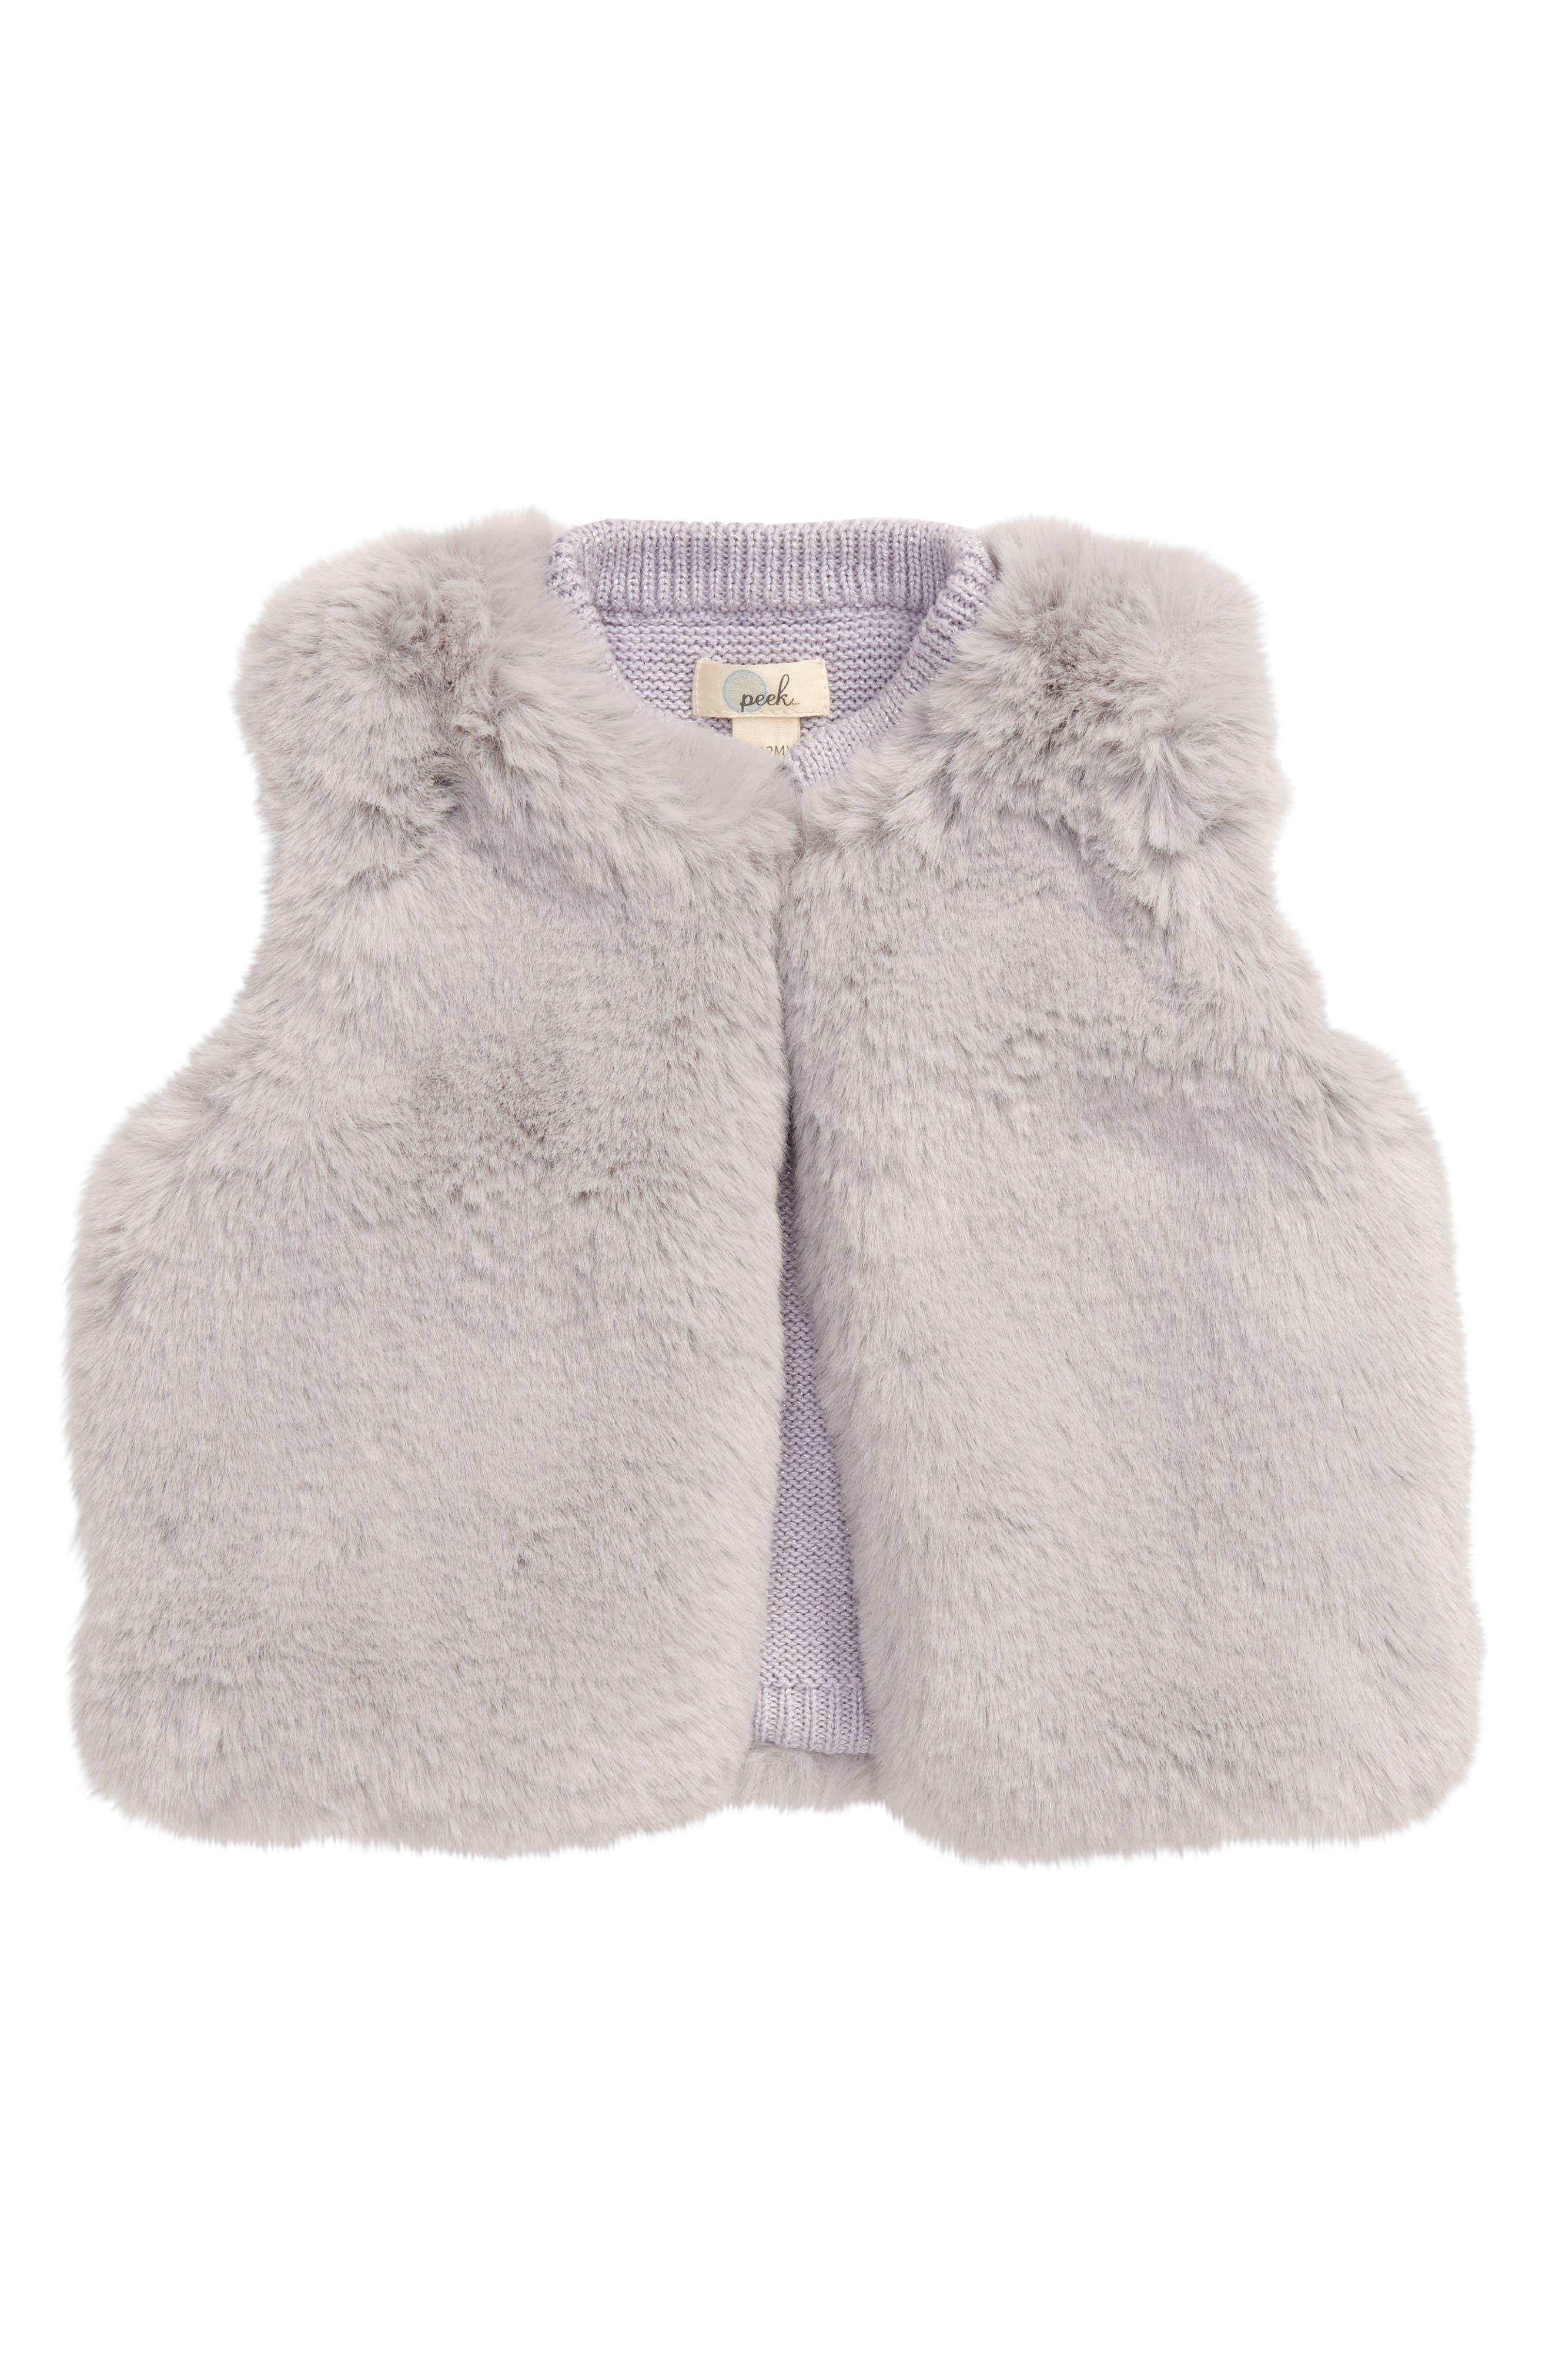 Image of PEEK ESSENTIALS Hayden Faux Fur Vest